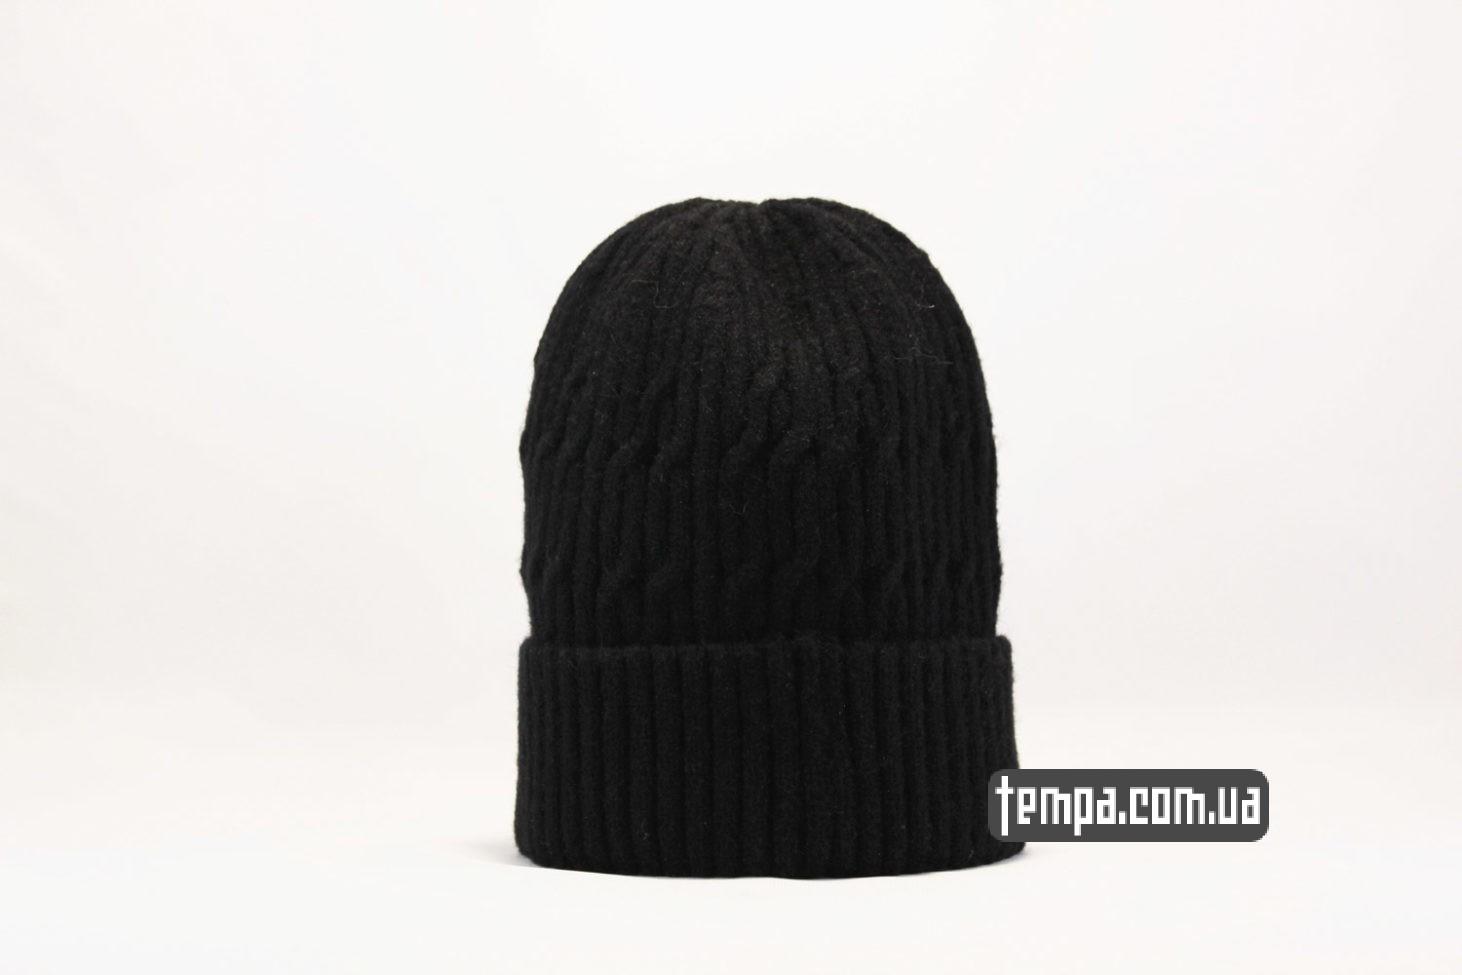 бини купить киев шапка beanie ADIDAS ORIGINALS черная купить